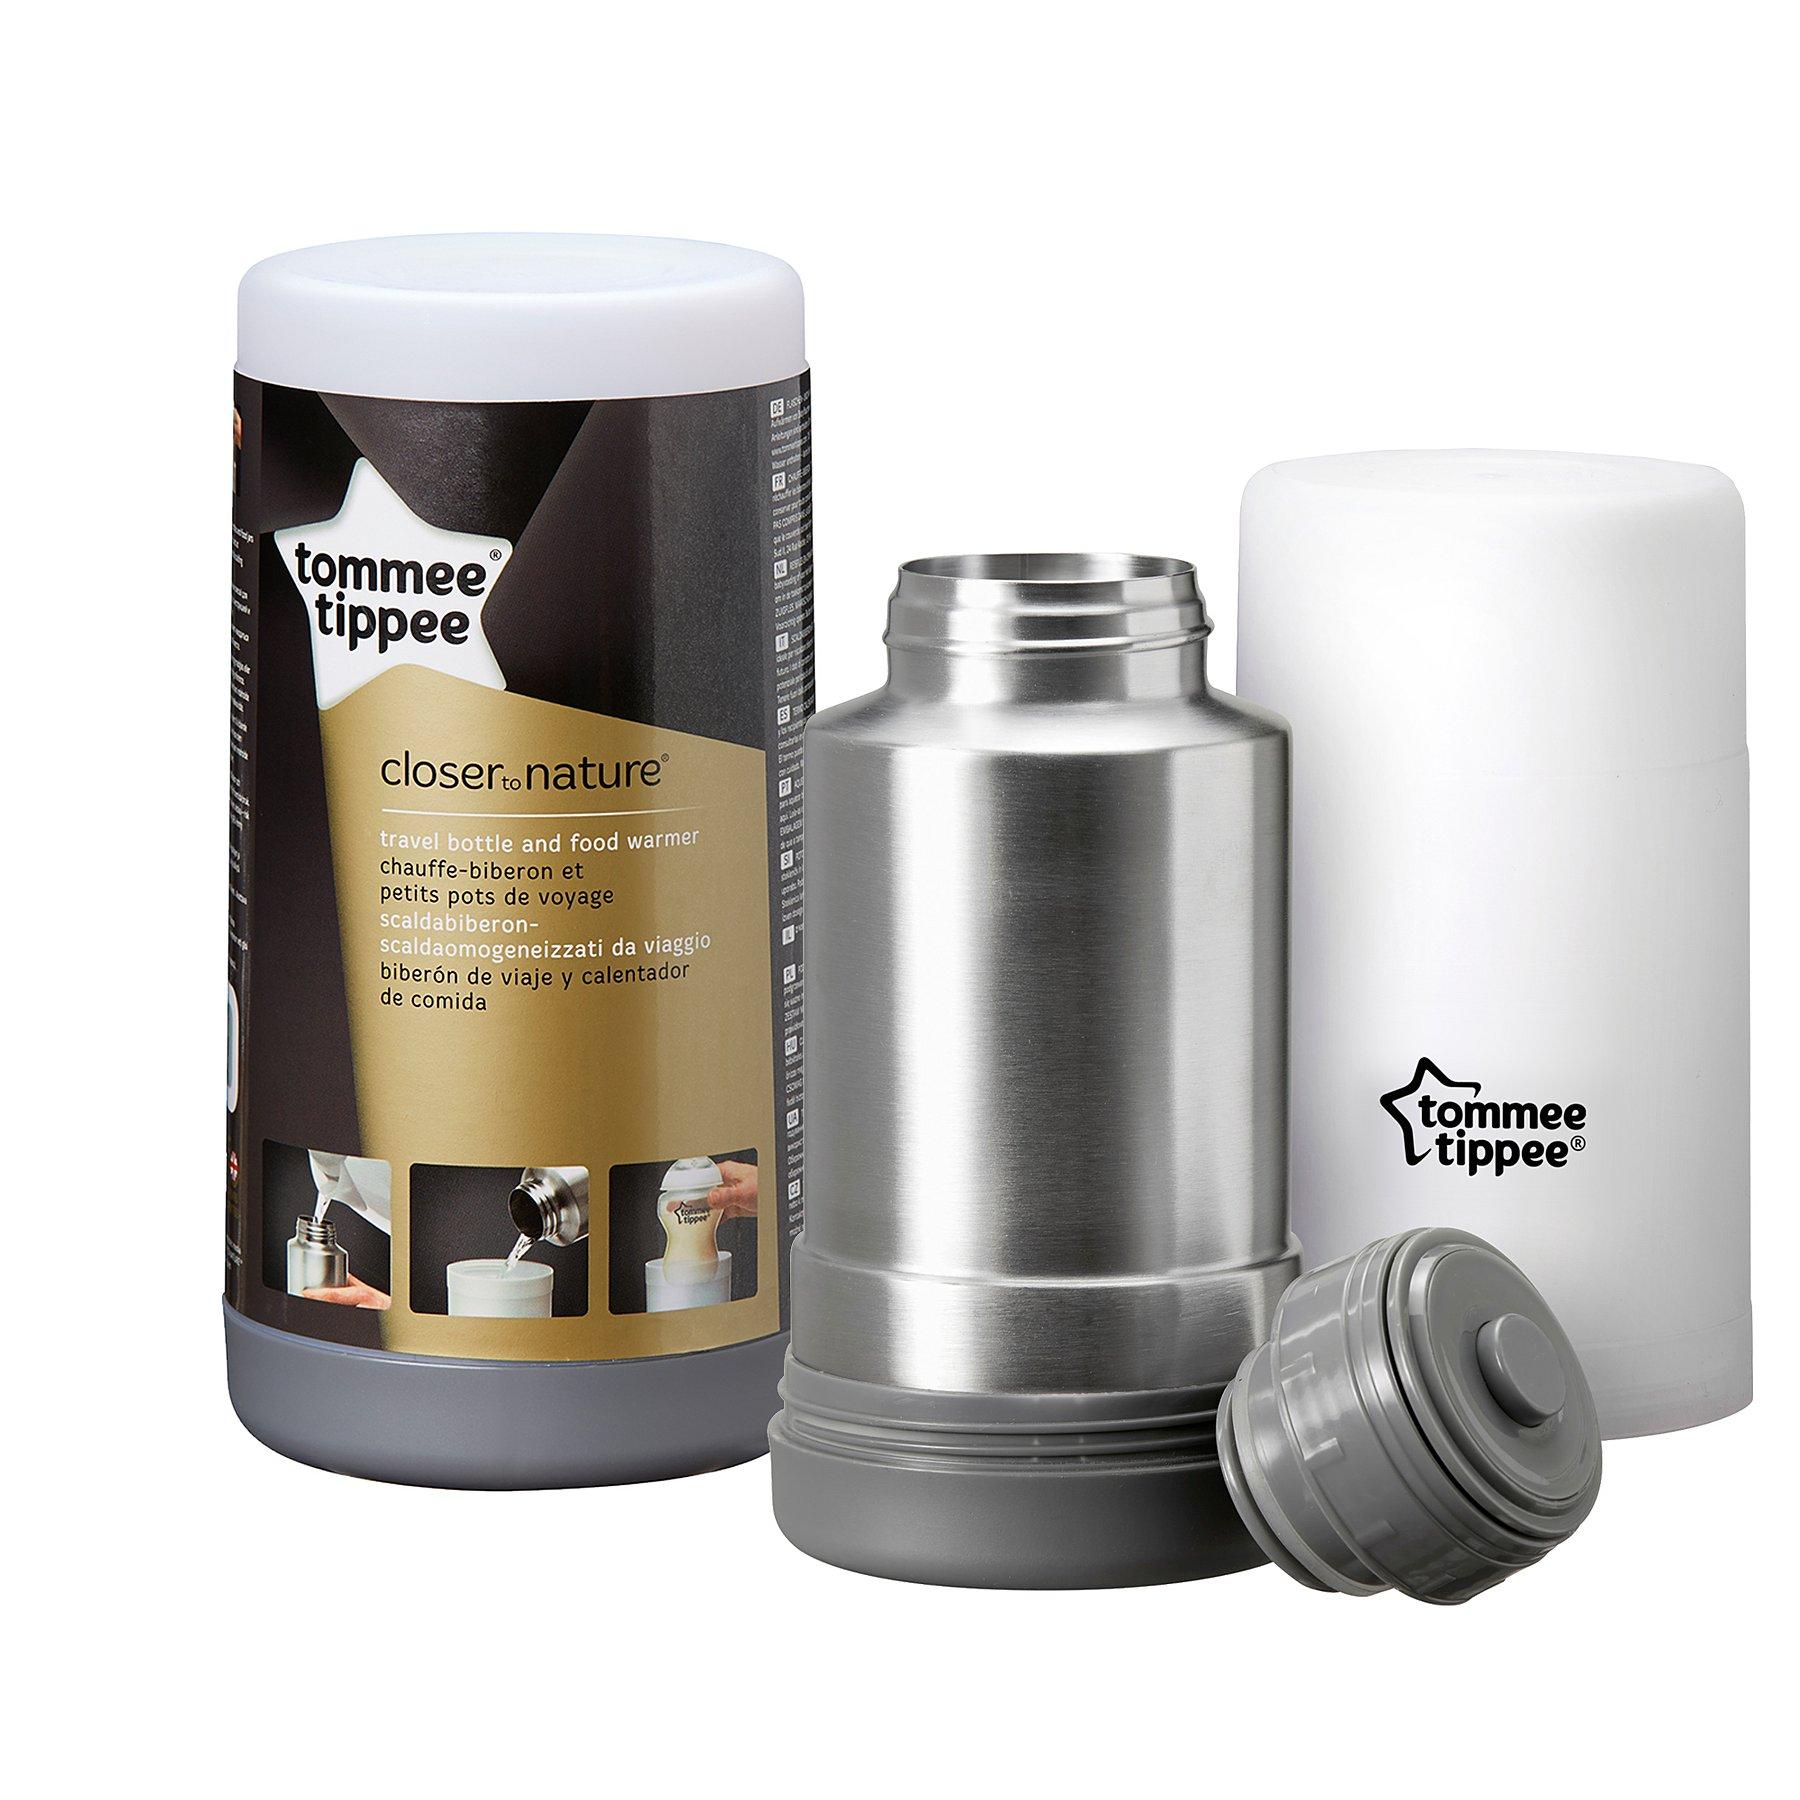 Tommee Tippee Travel Bottle Warmer